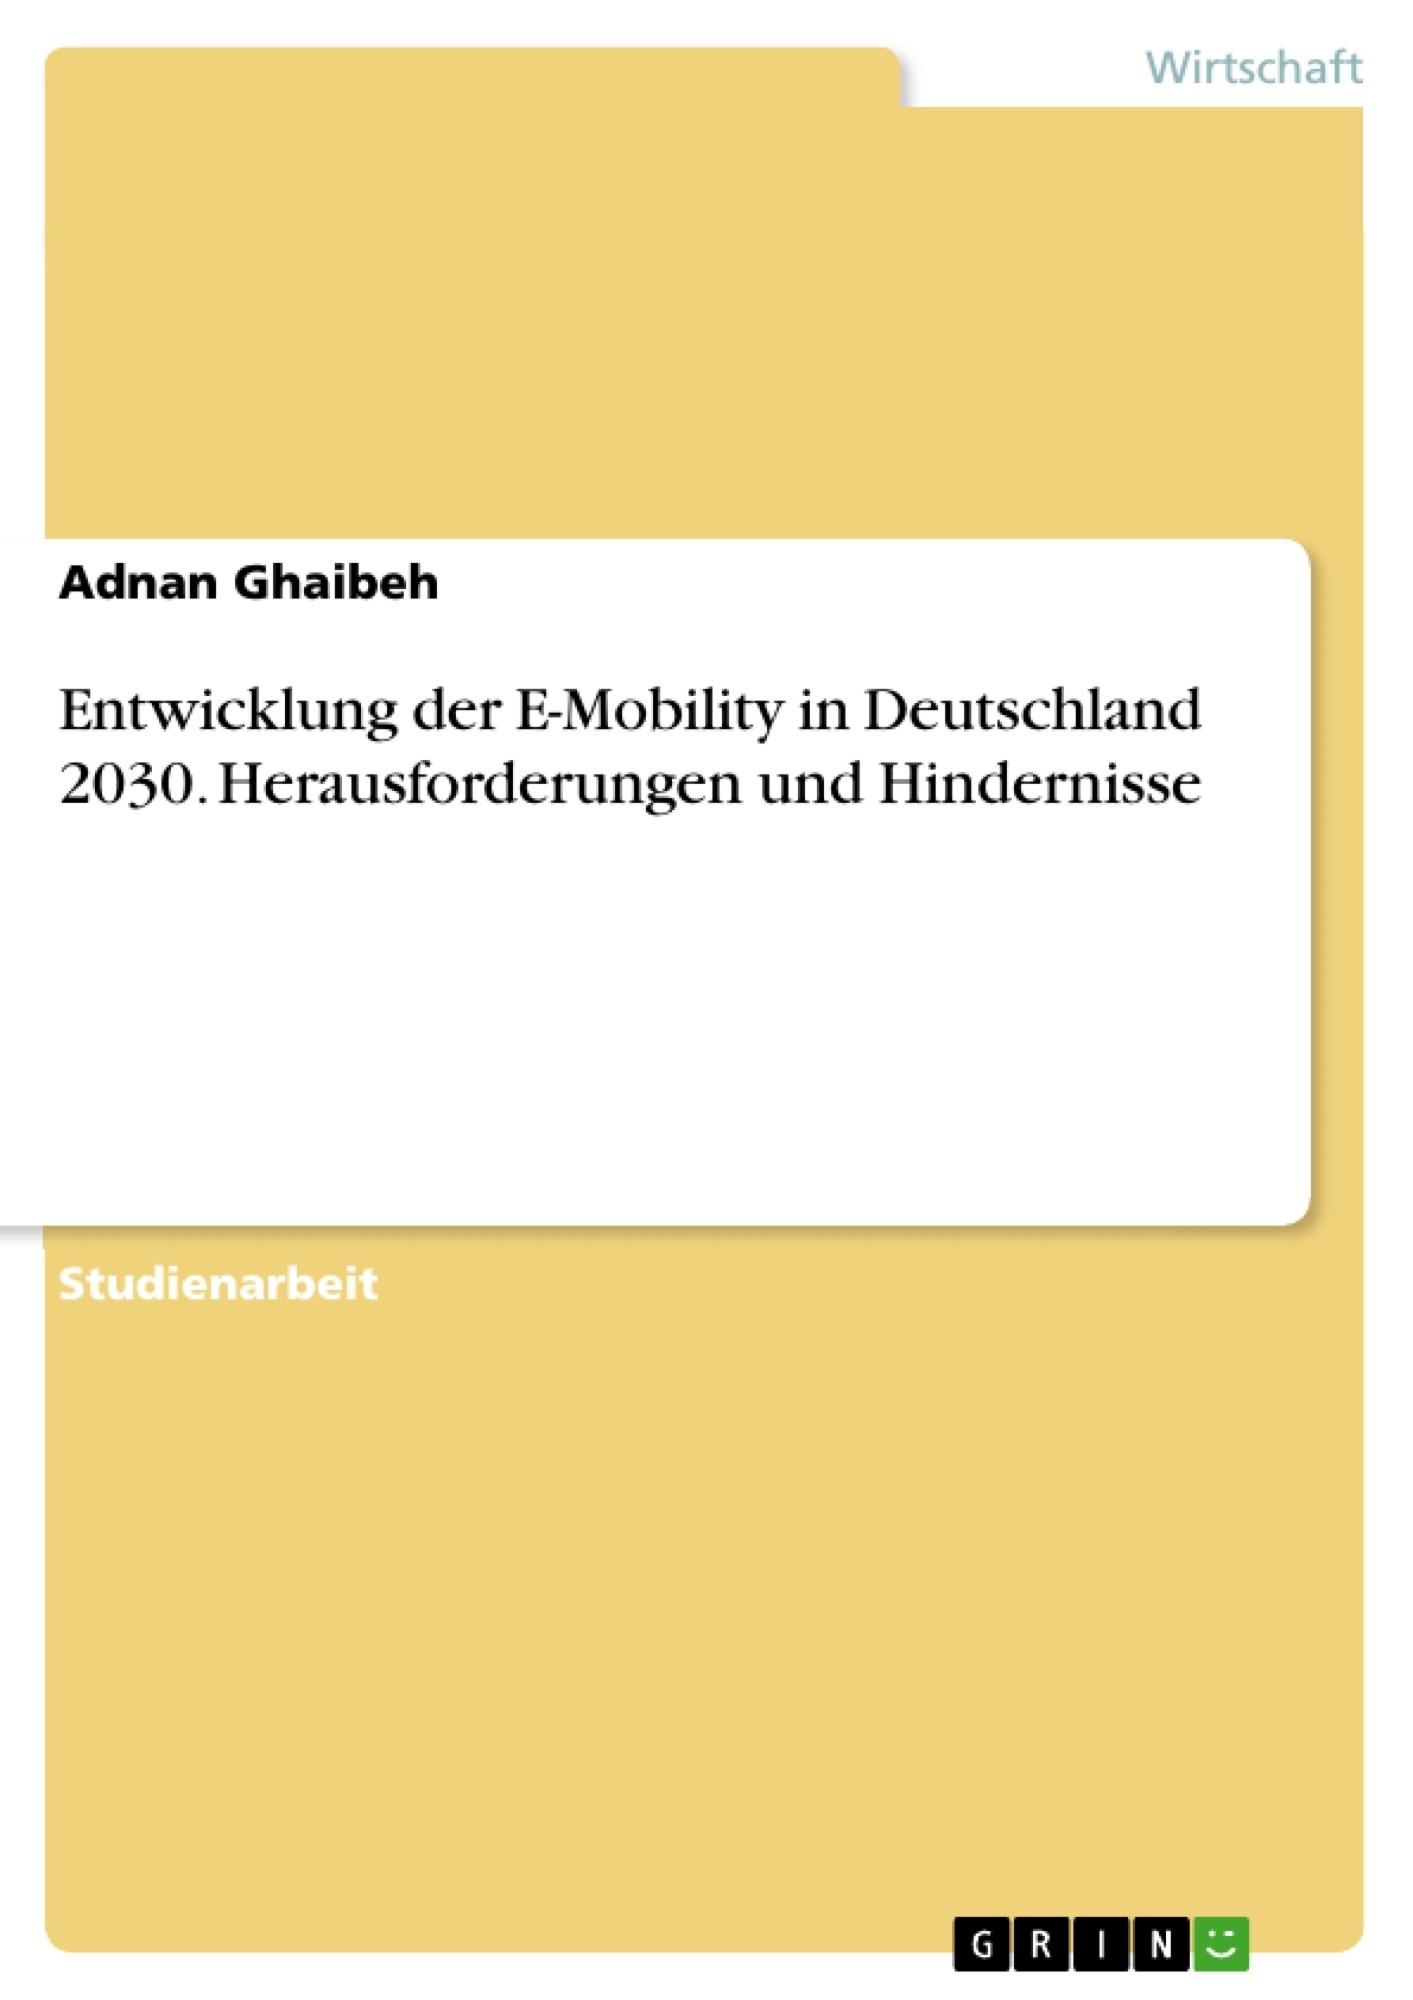 Titel: Entwicklung der E-Mobility in Deutschland 2030. Herausforderungen und Hindernisse